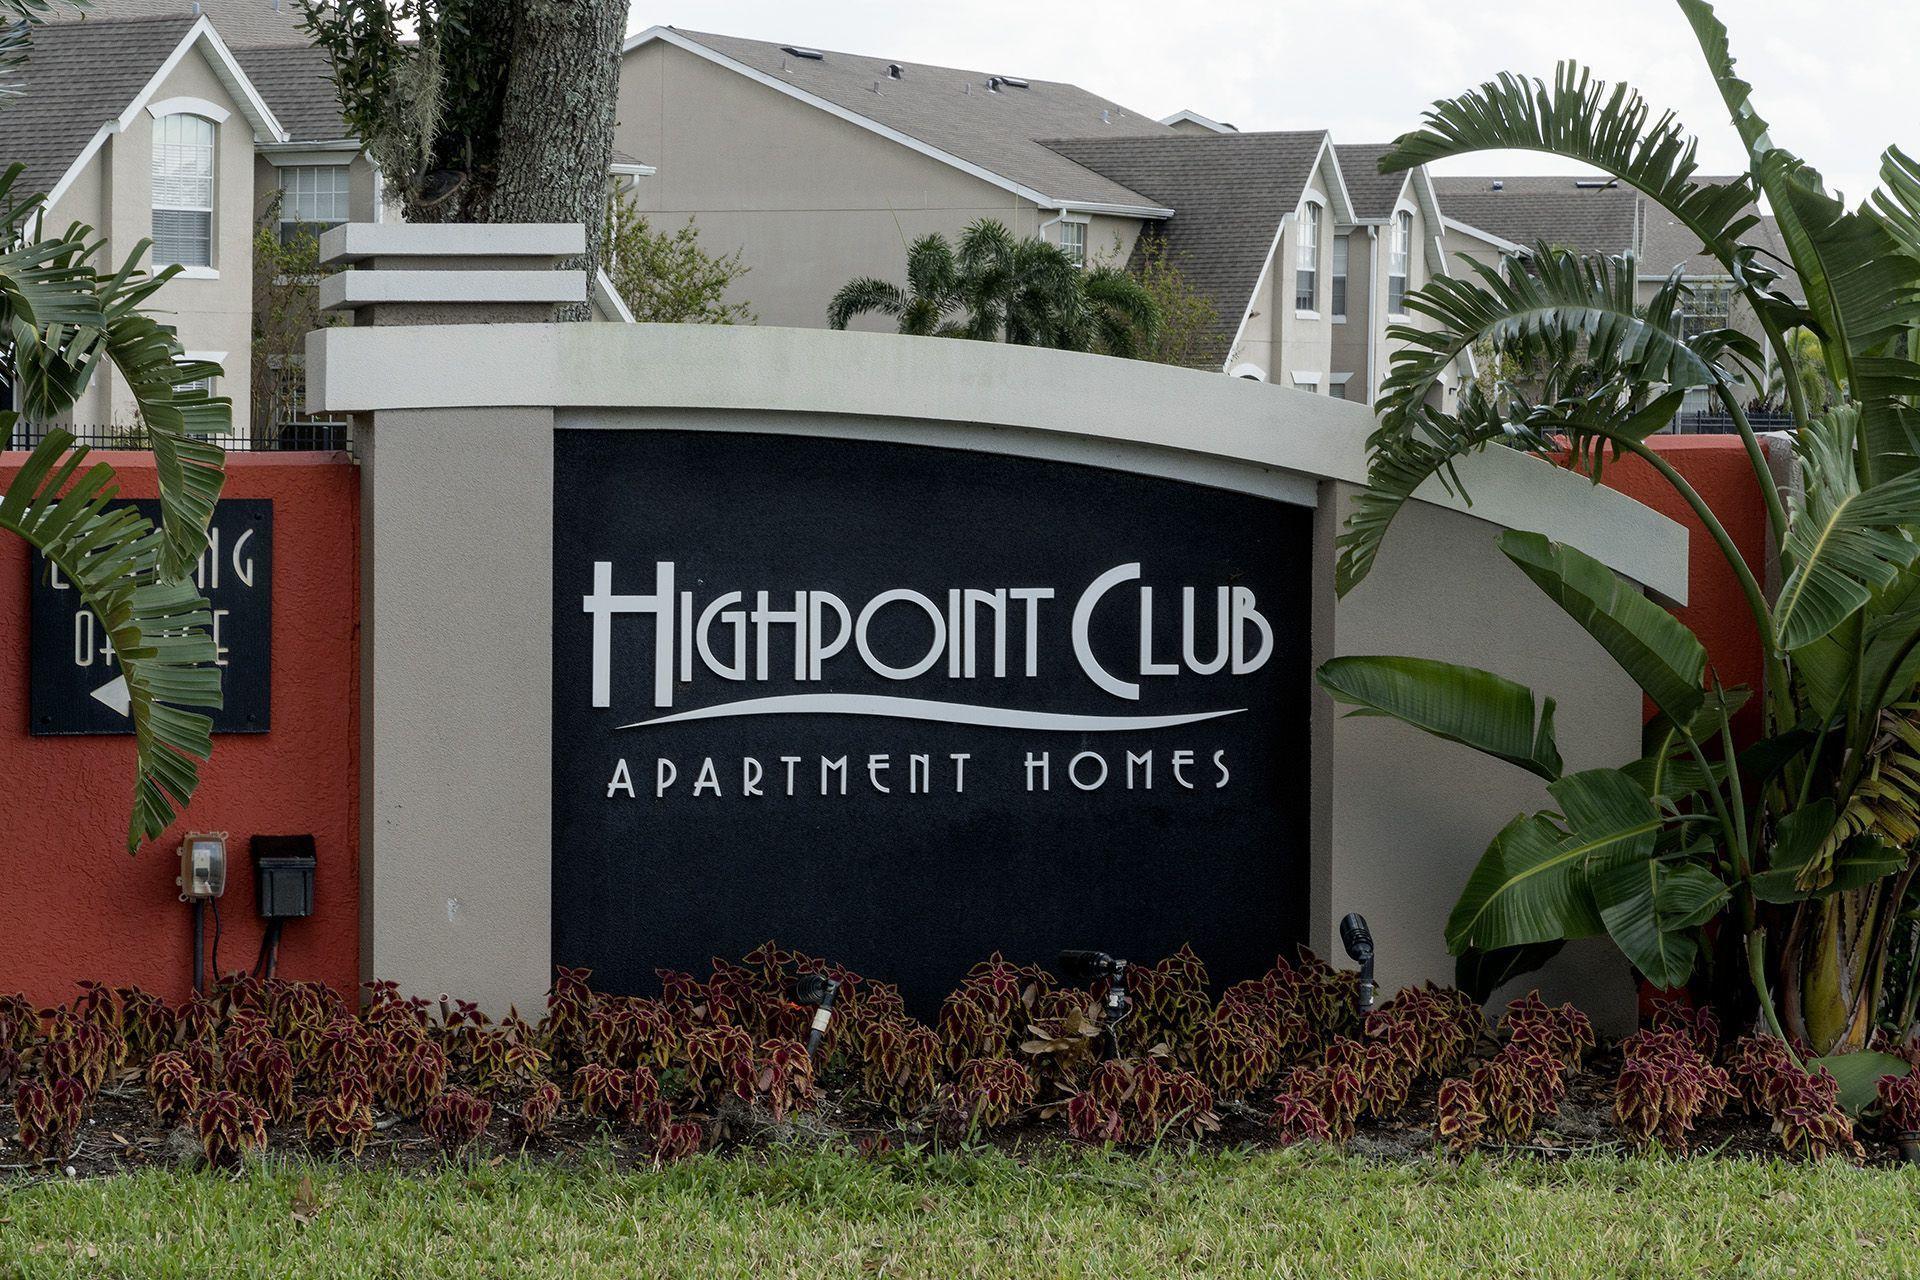 High Point Club Apartments